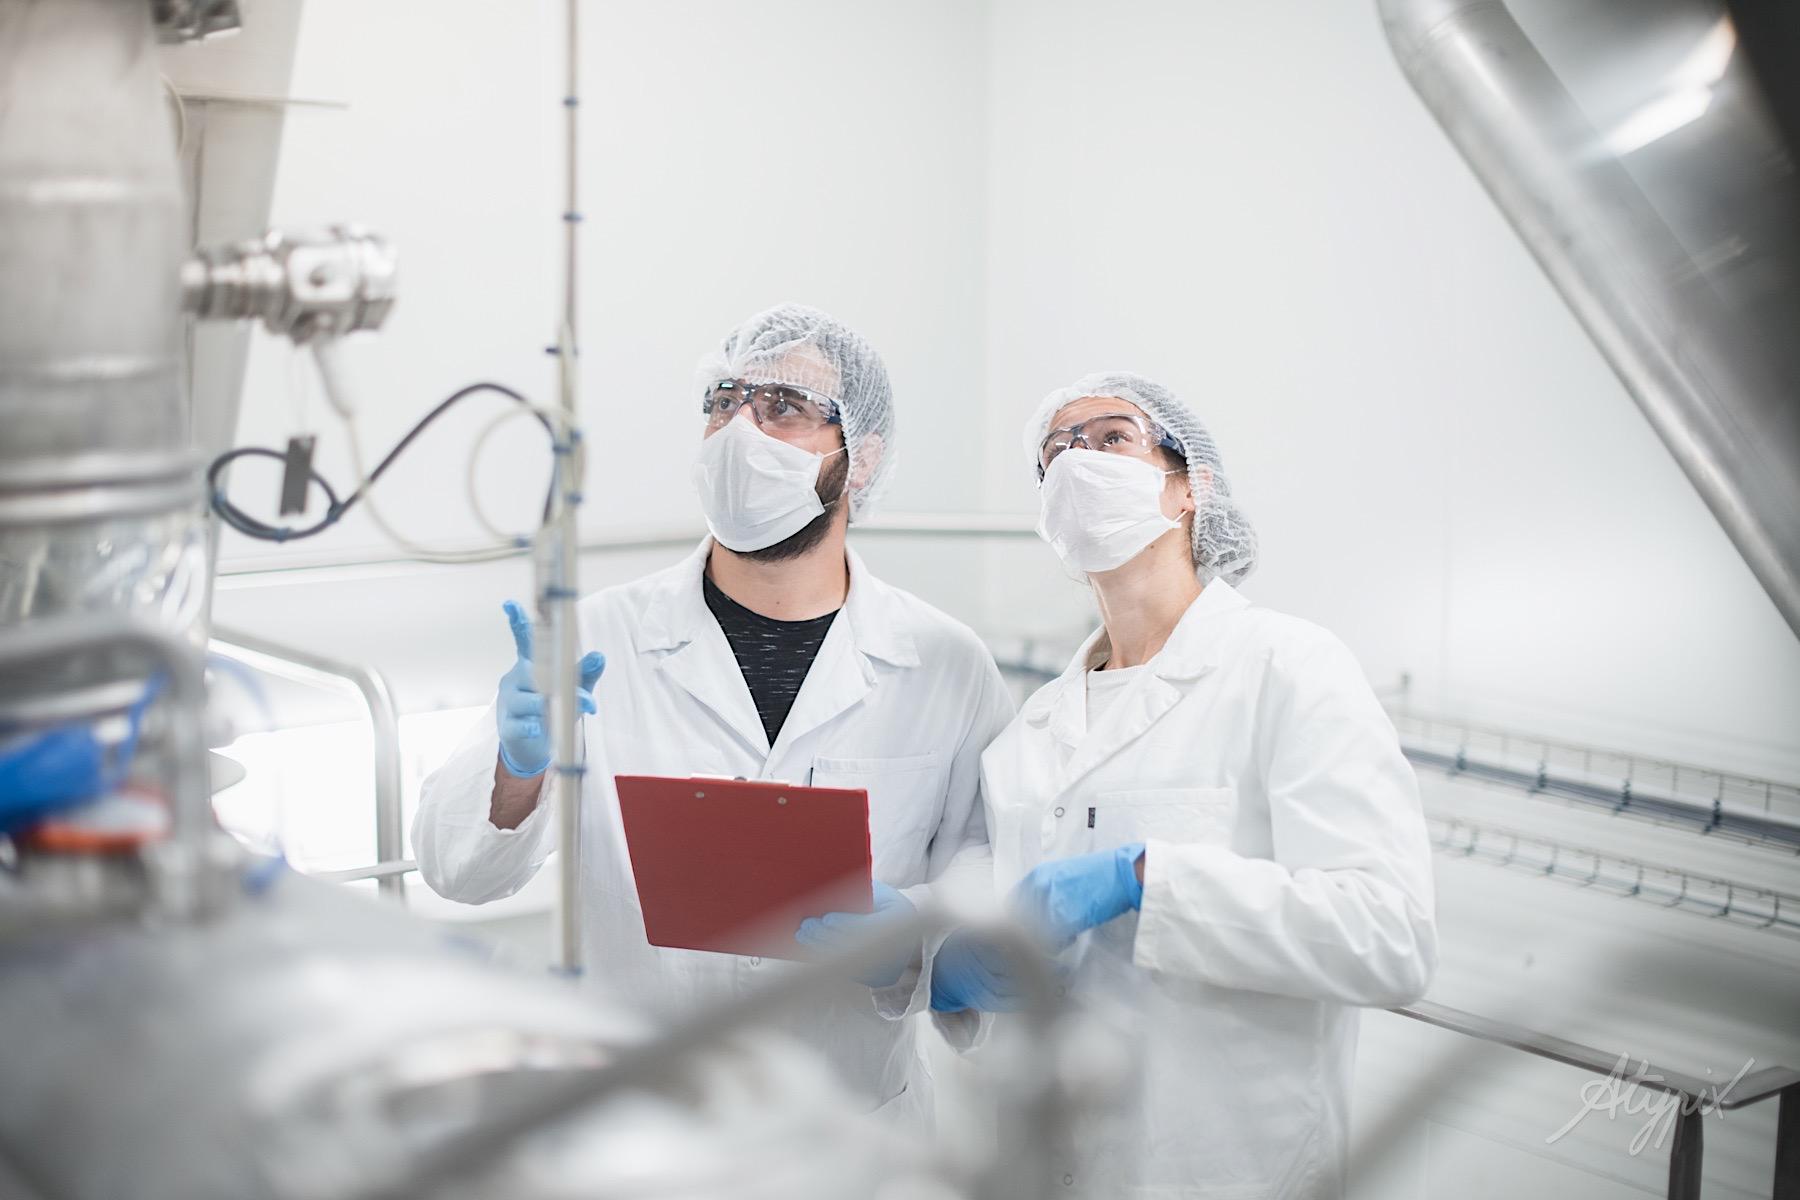 photographe laboratoire santé